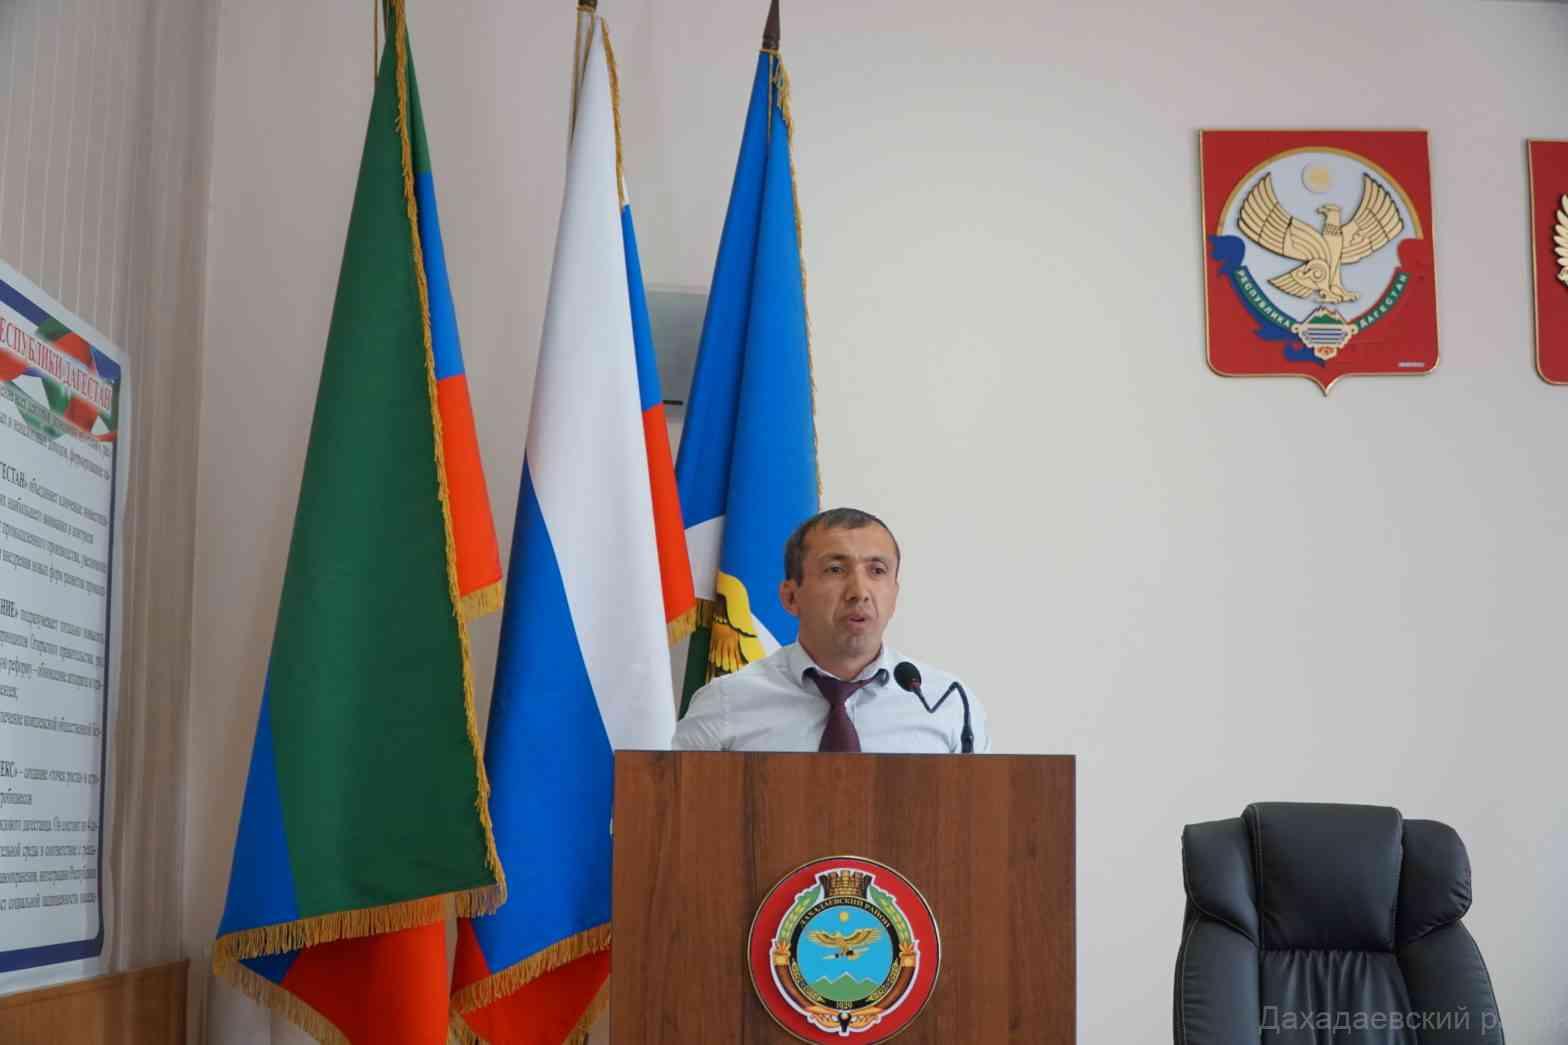 Итоги деятельности органов опеки и попечительства рассмотрели в Дахадаевском районе